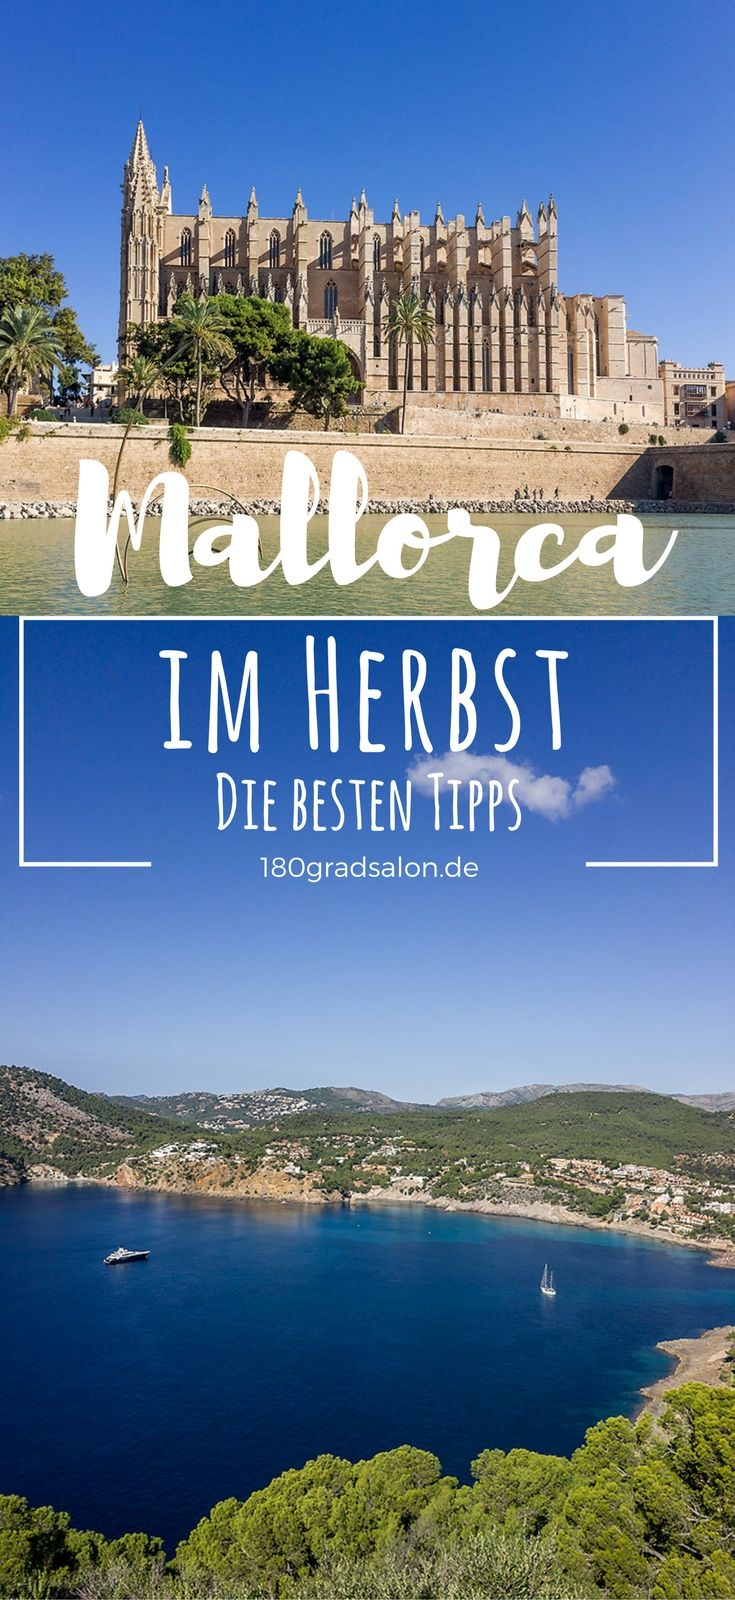 Mallorca im Herbst ist wunderbar! Angenehm warme Temperaturen zum Wandern und Baden laden dazu ein seinen Urlaub in der Nebensaison zu genießen. Die besten Tipps für September, Oktober und November auf Mallorca. #mallorca #mallorcaisland #palmademallorca #balearen #mallorcafeelings #wanderlust